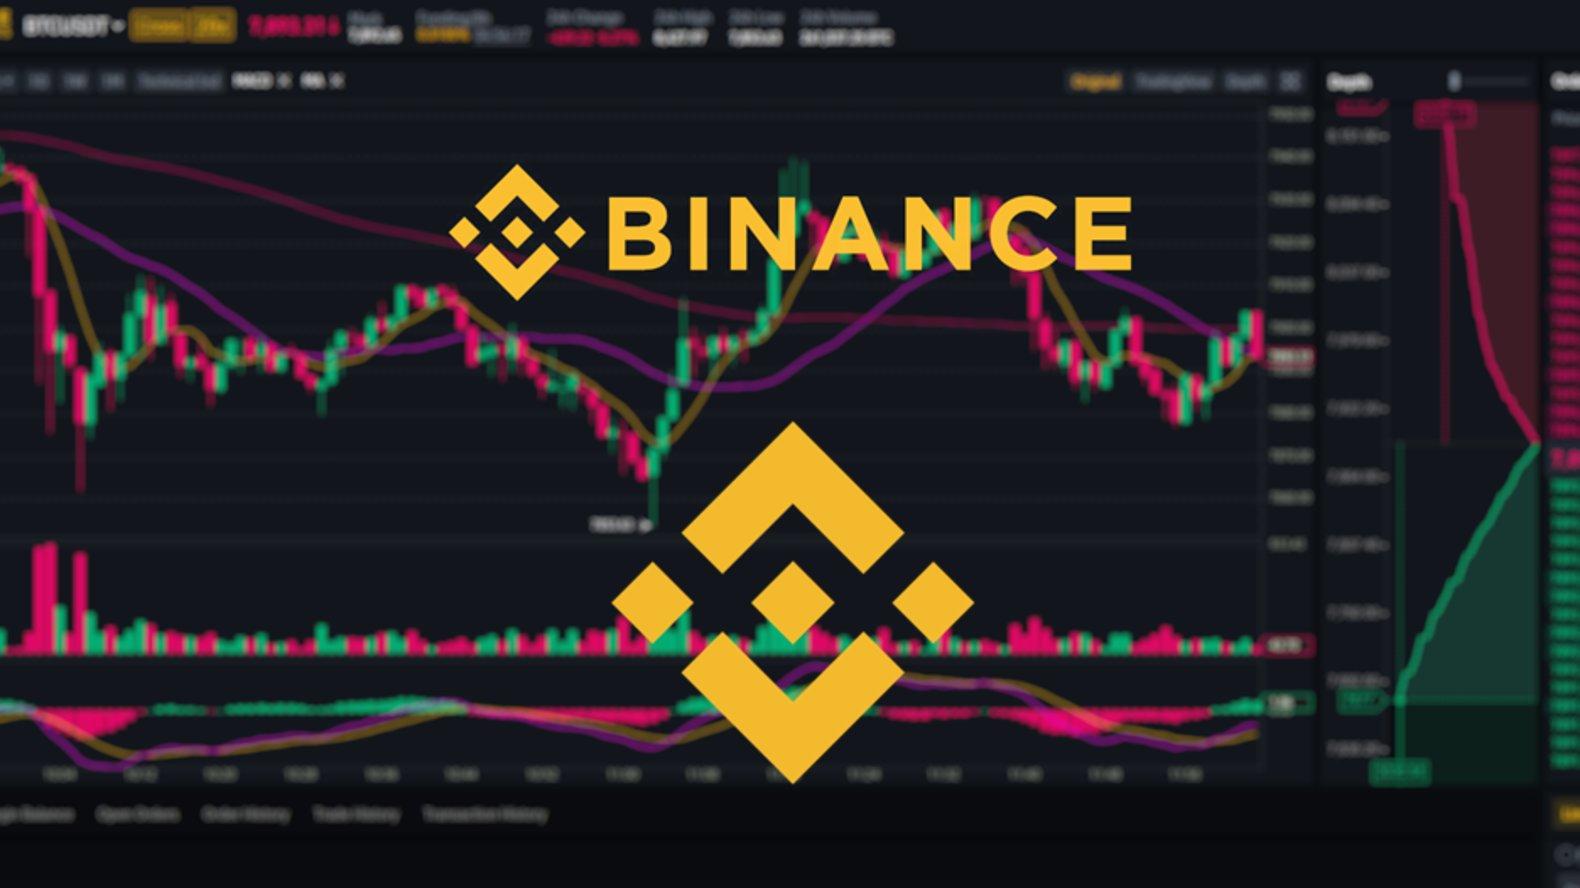 How to Trade on Binance (2021)